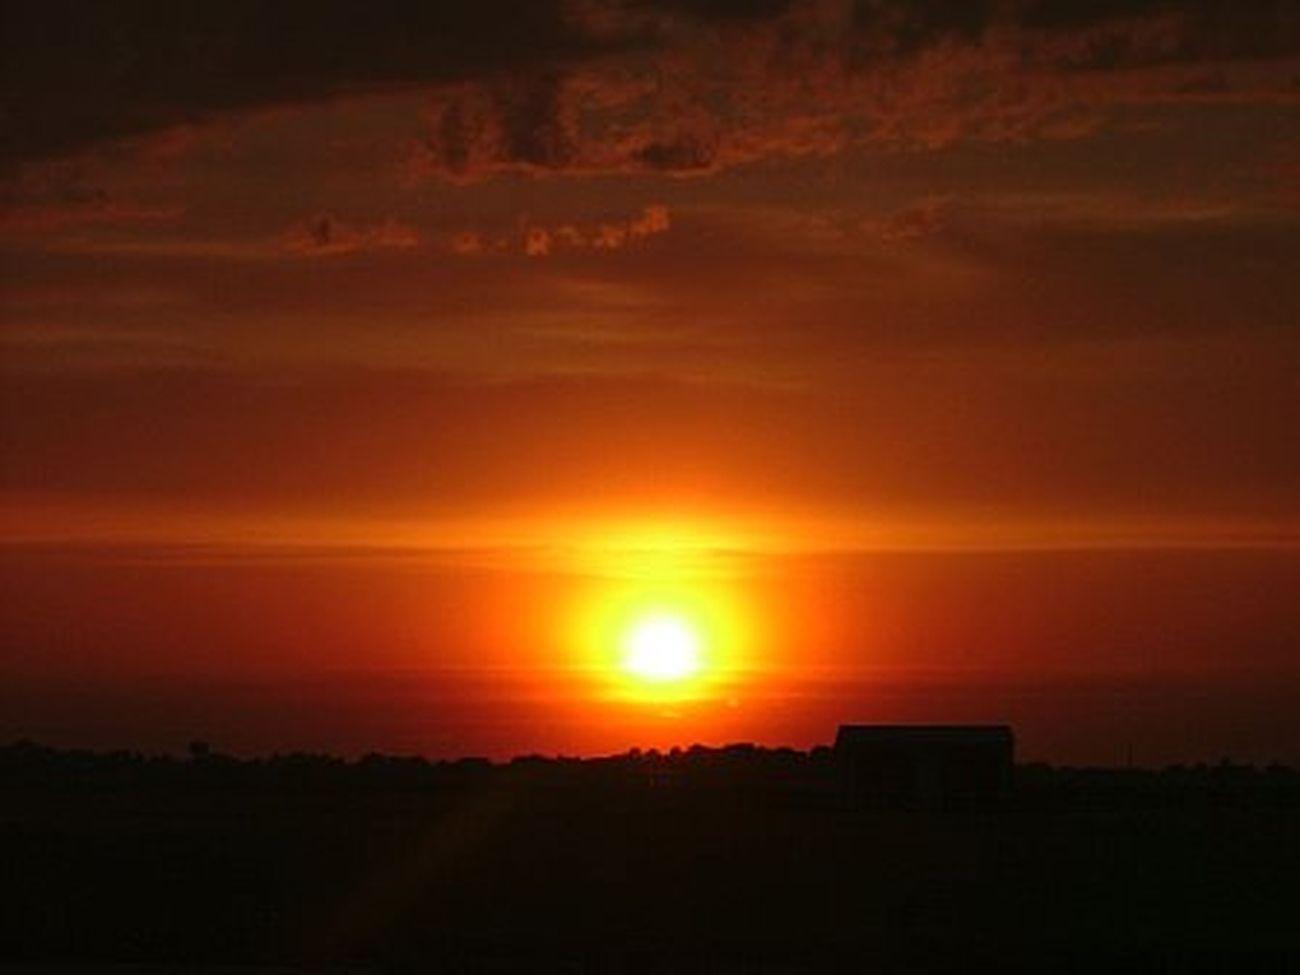 Sunset in Orange and Black in Delaware I